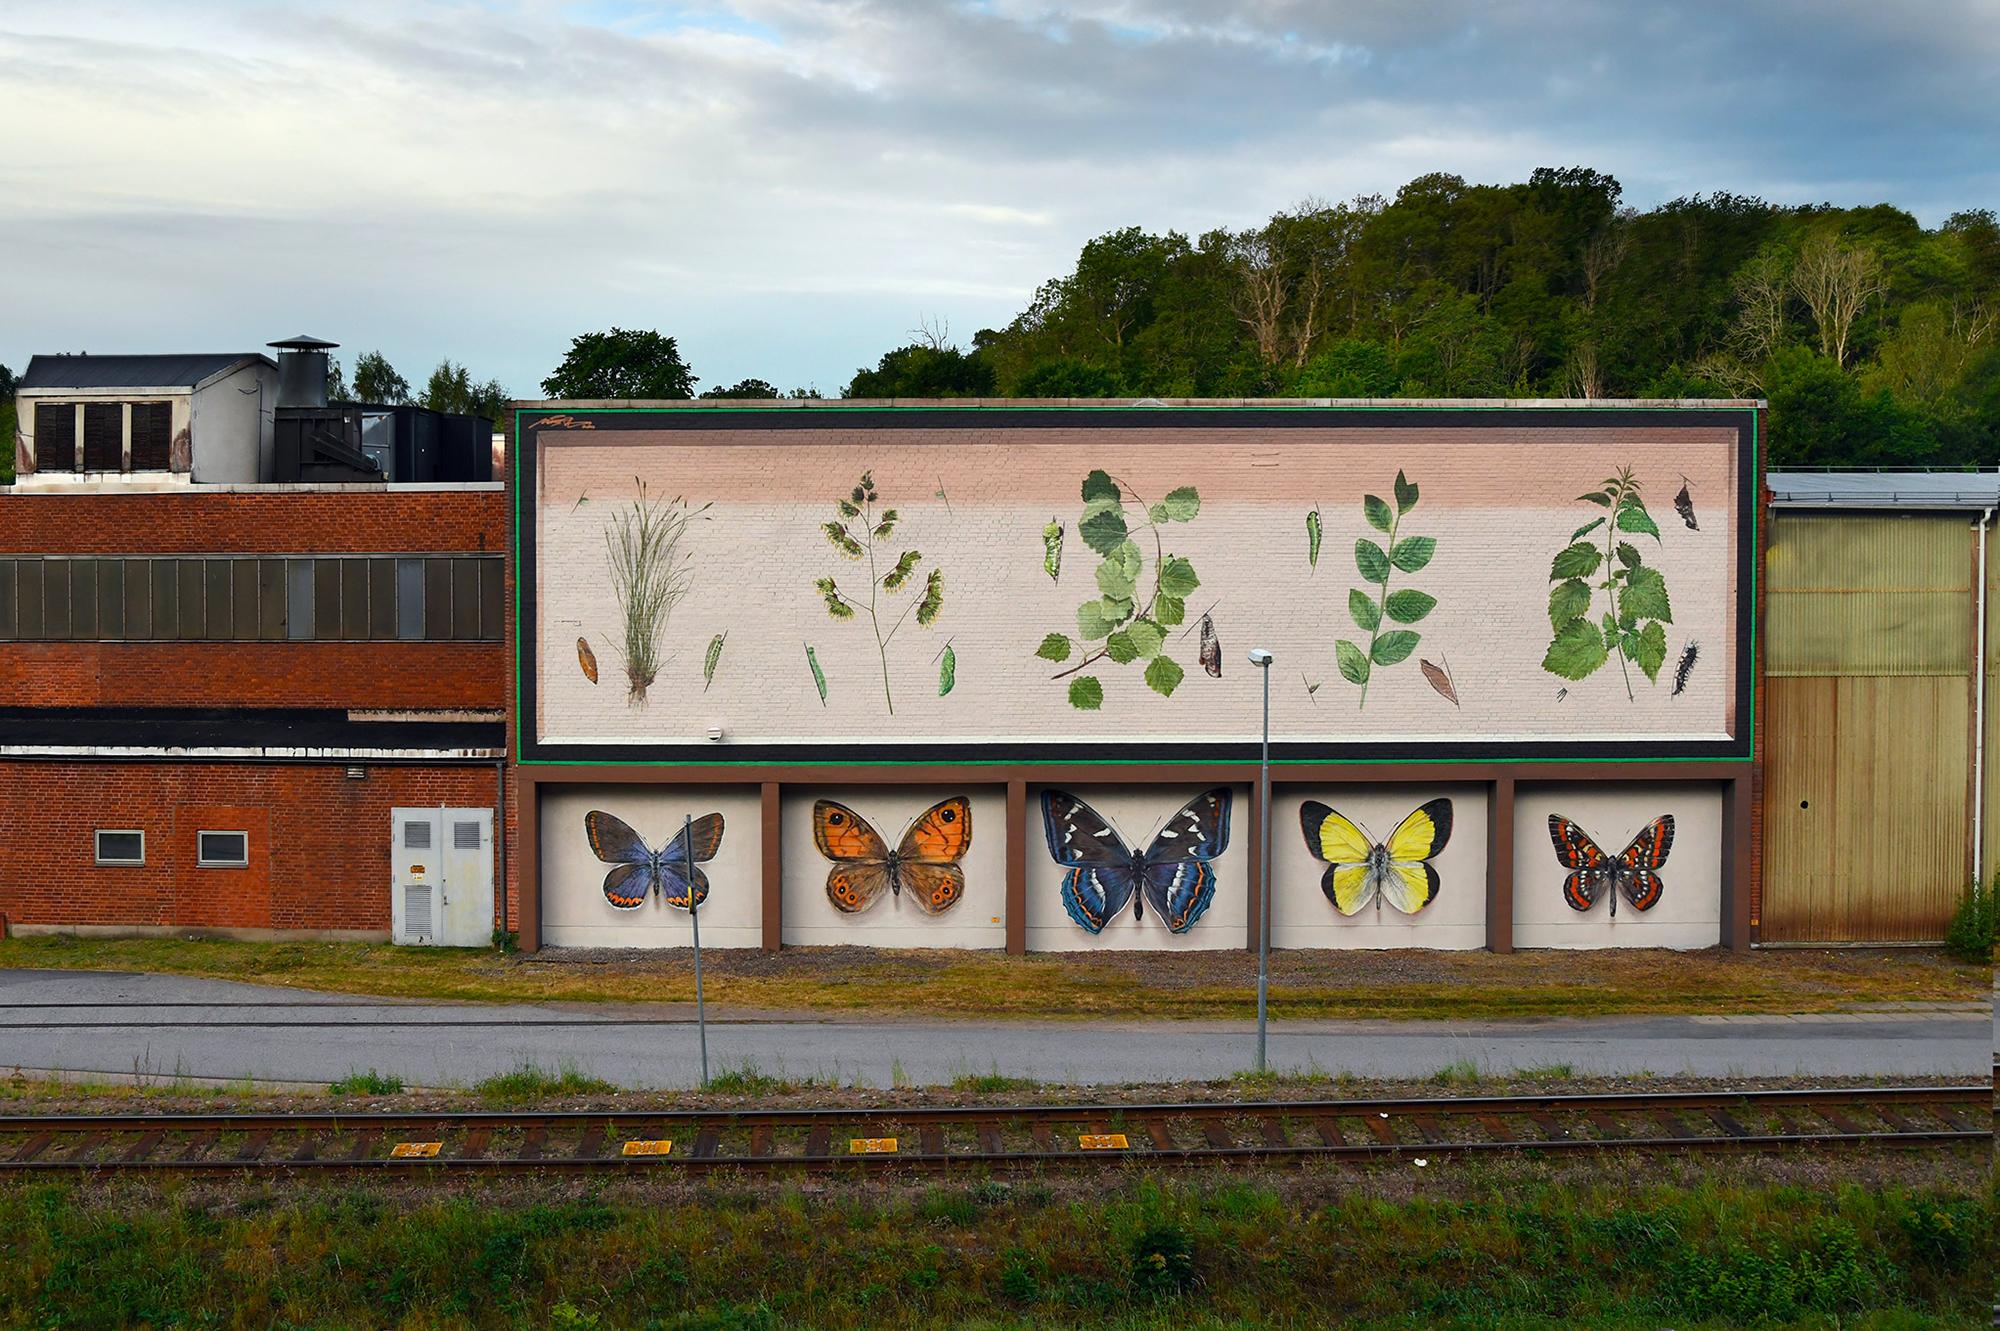 Murales Trompe L'oeil racchiudono enormi farfalle in scatole in stile vintage di Mantra